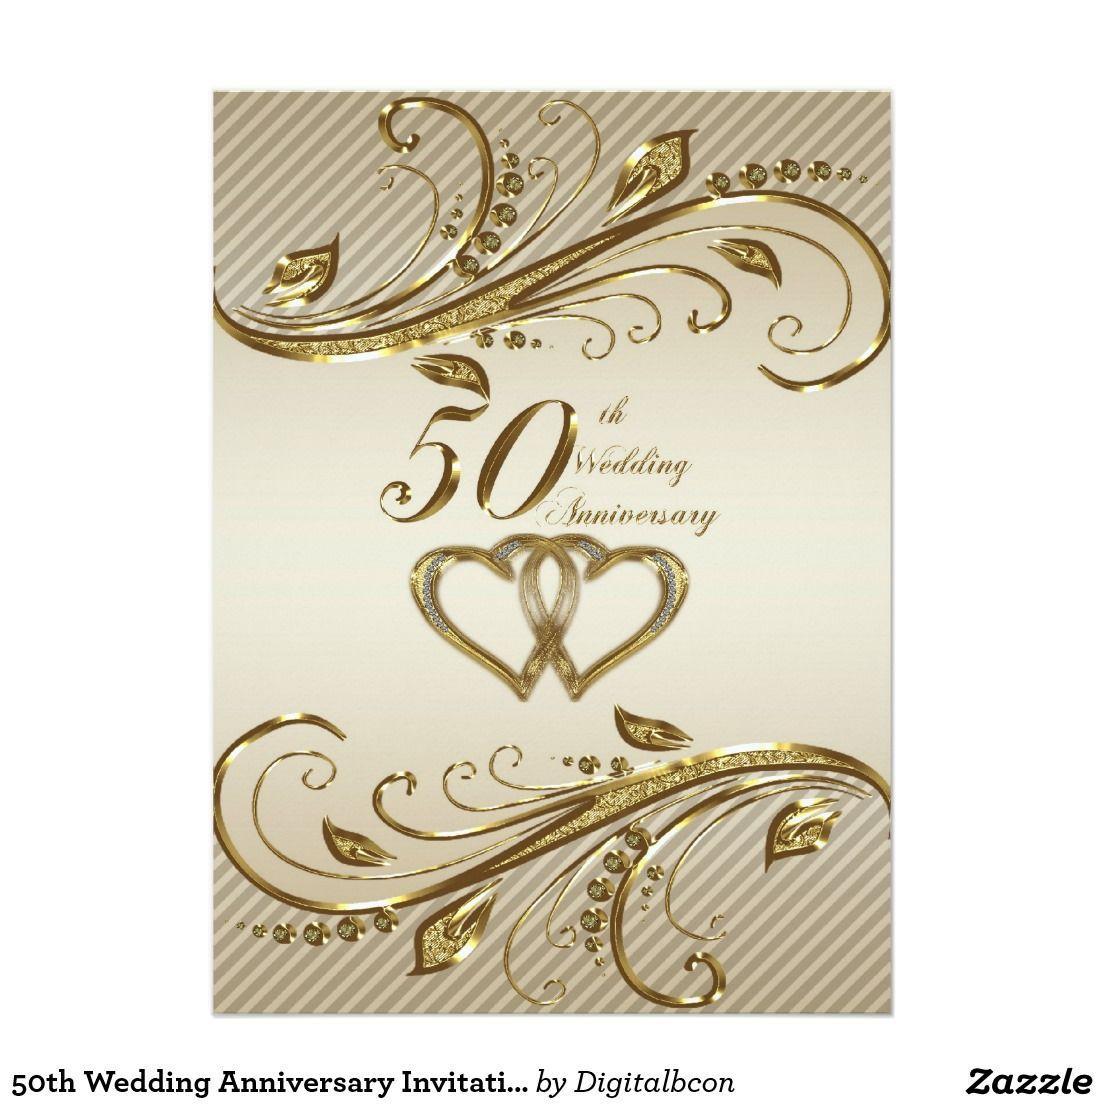 50th Wedding Anniversary Invitation Card Zazzle Co Uk 50th Wedding Anniversary Invitations 50th Anniversary Cards Anniversary Invitations